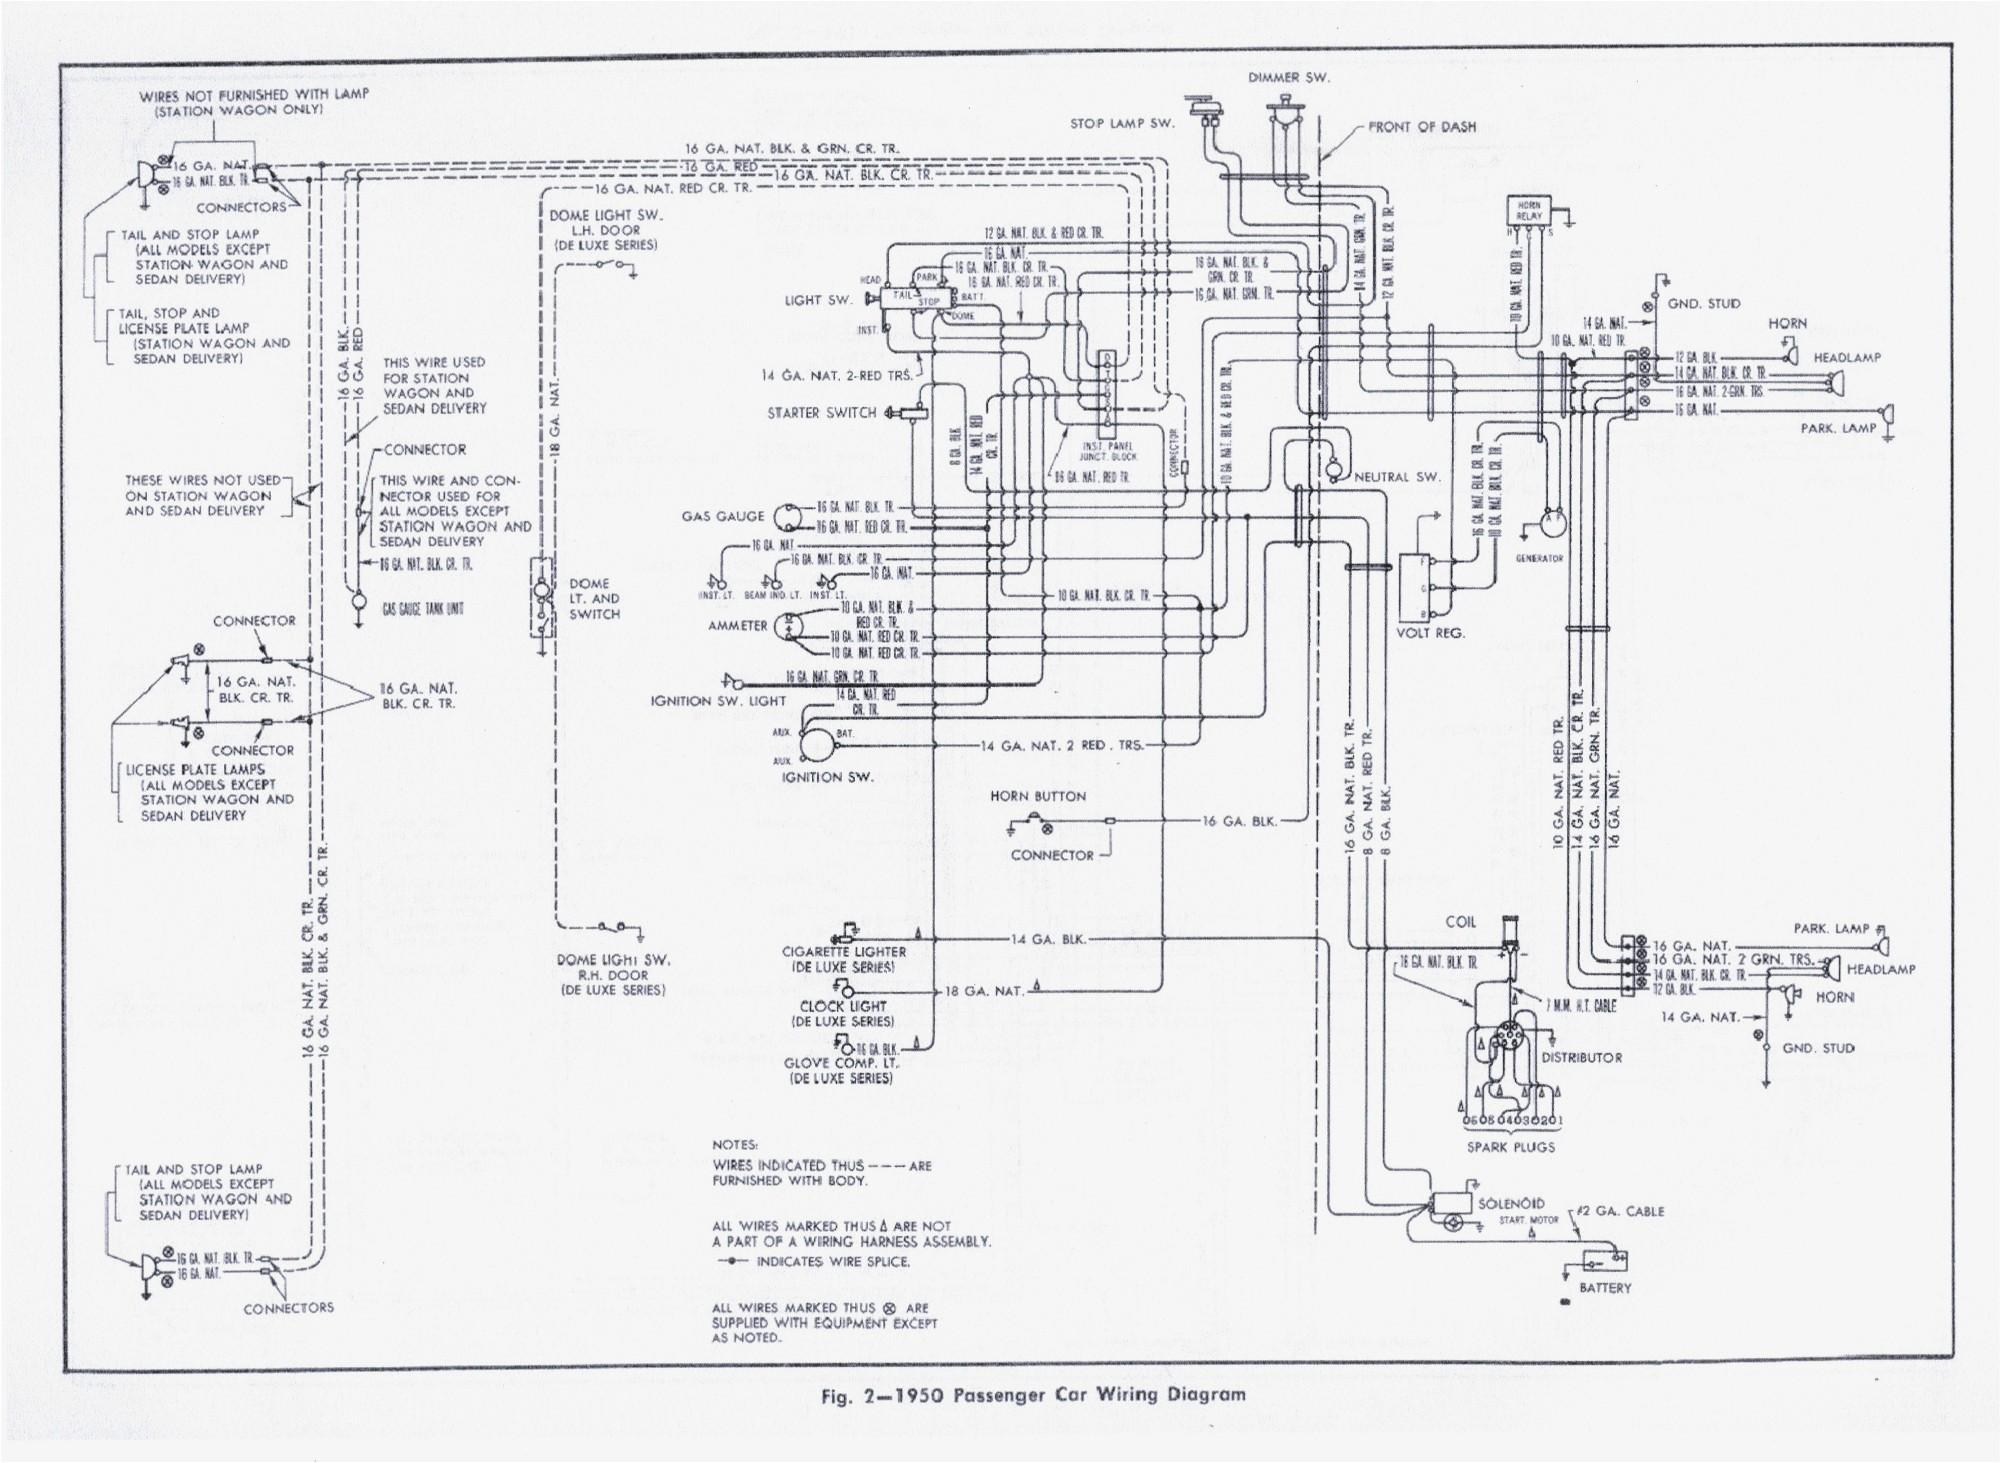 1949 Styleline Chevy Horn Wiring 1999 Dakota Radio Wiring Bege Wiring Diagram